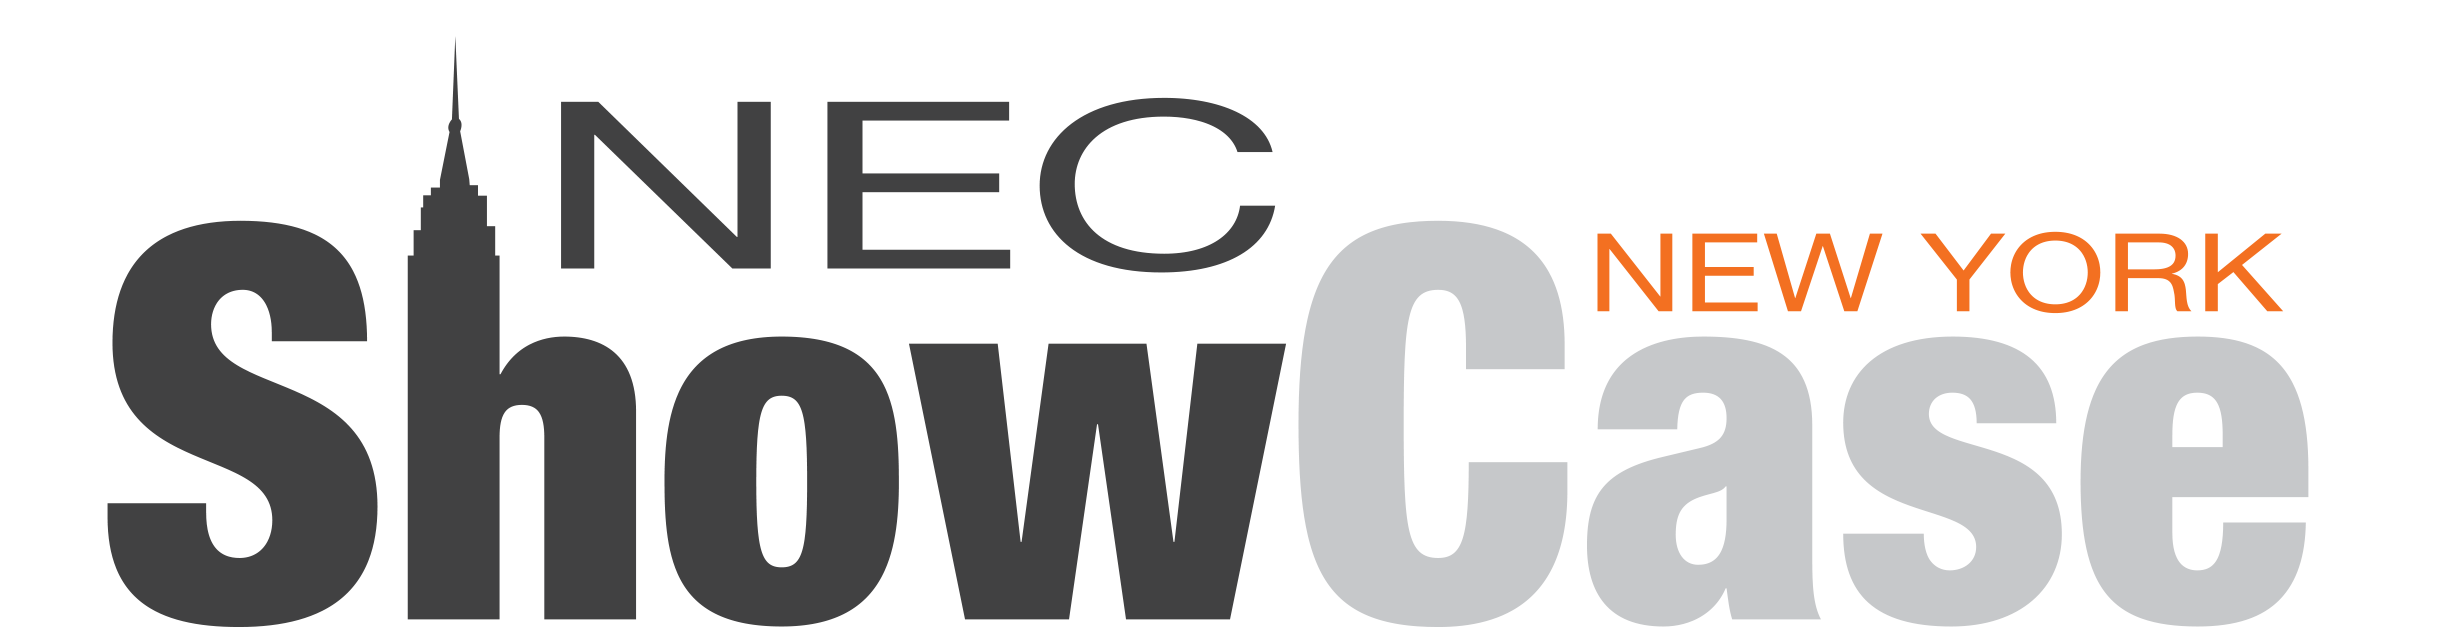 NEC-Ny-Showcase2015_logo